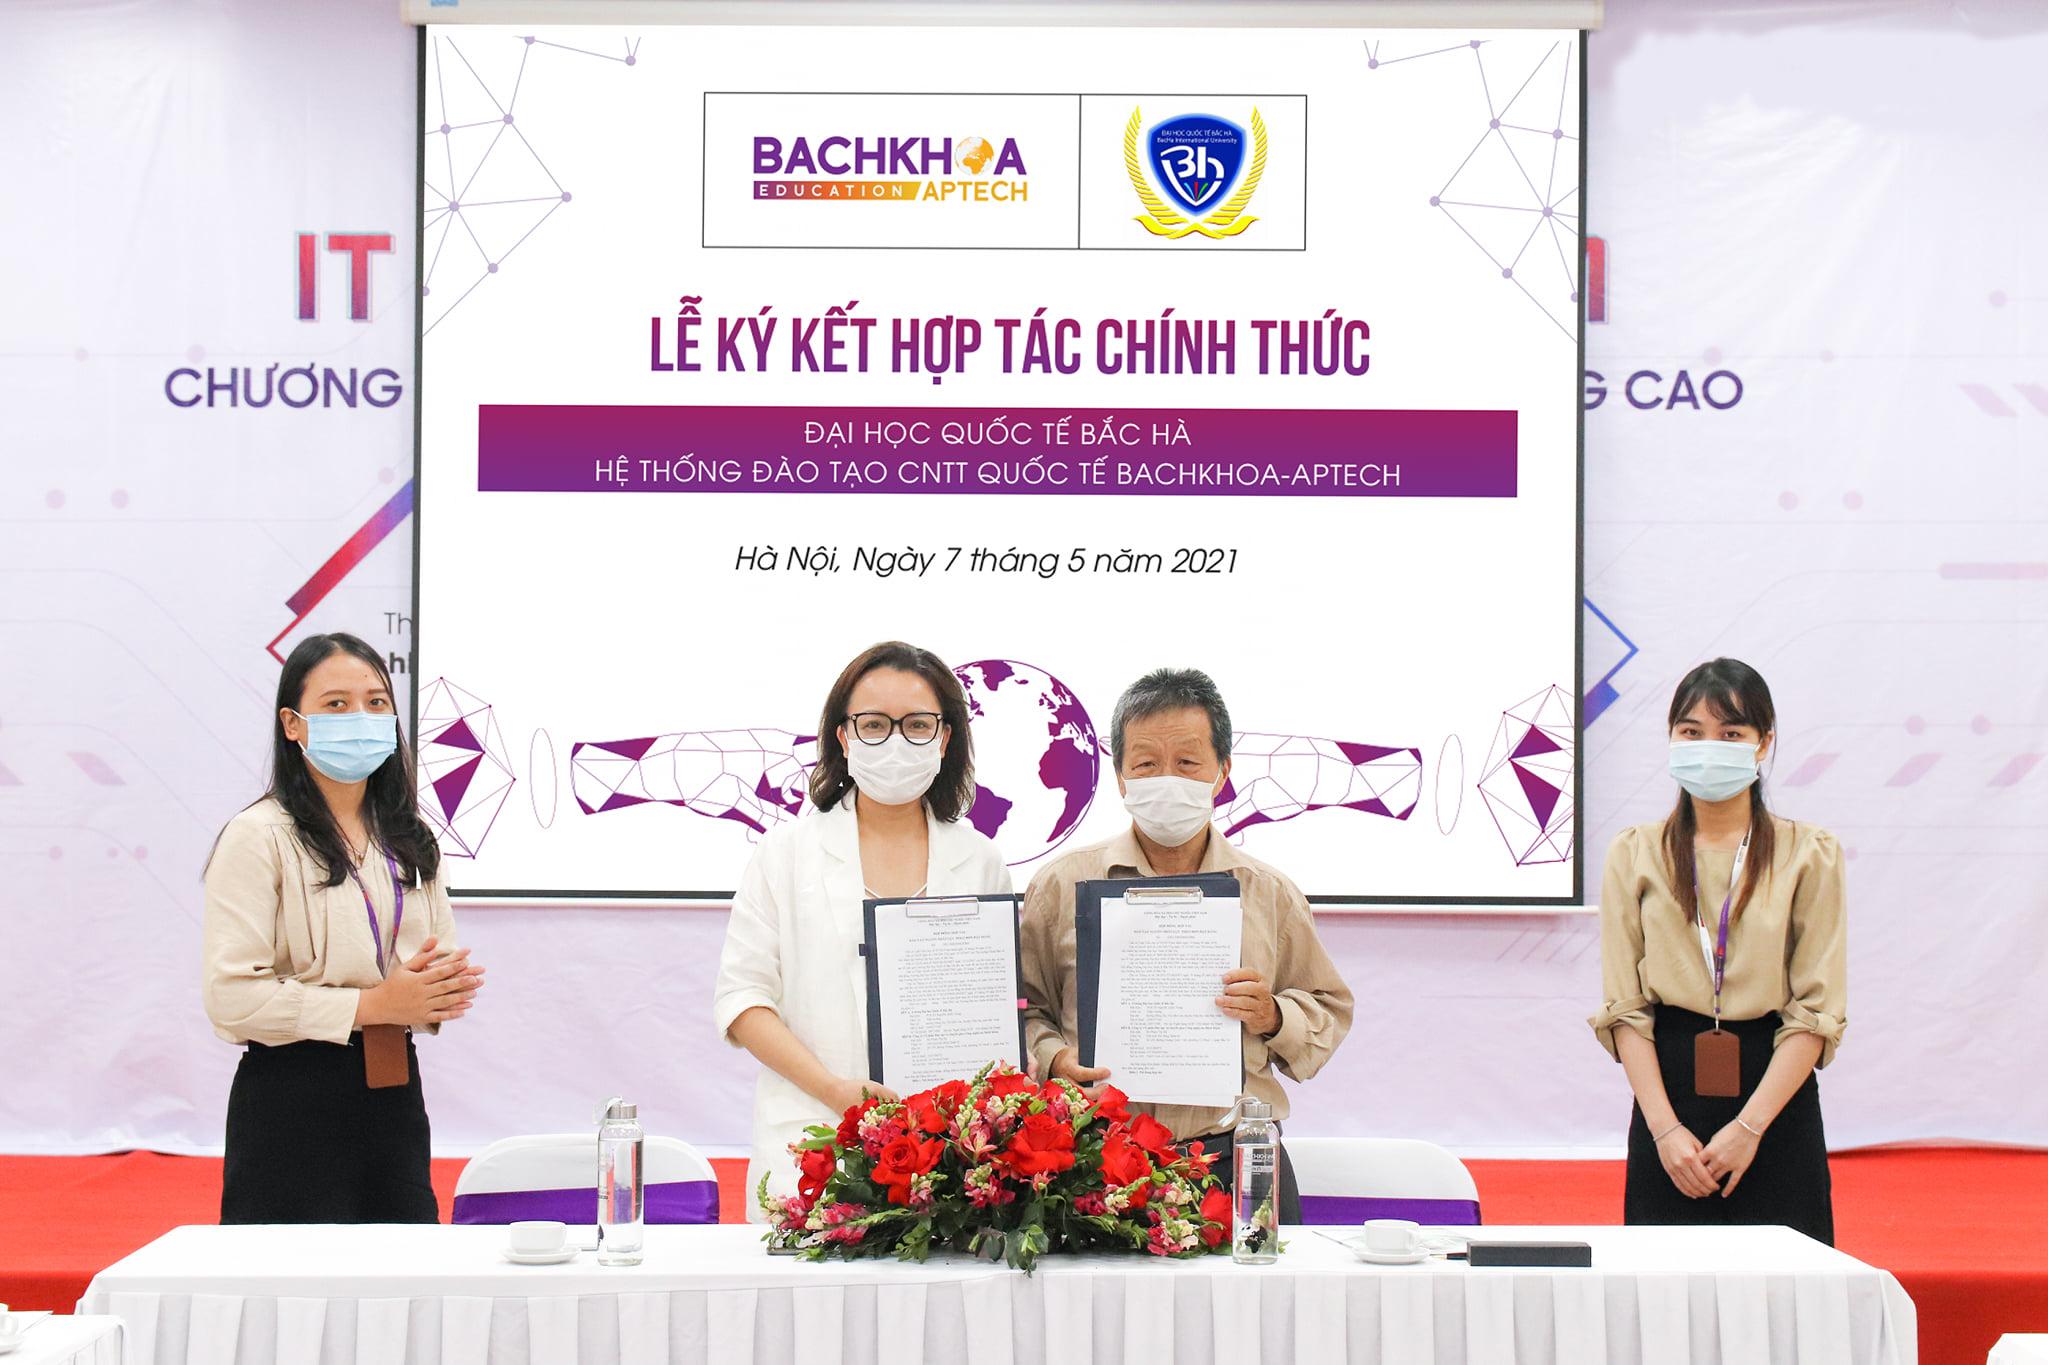 Lễ ký kết sự hợp tác giữa Trường Đại học Quốc tế Bắc Hà và Bachkhoa-Aptech